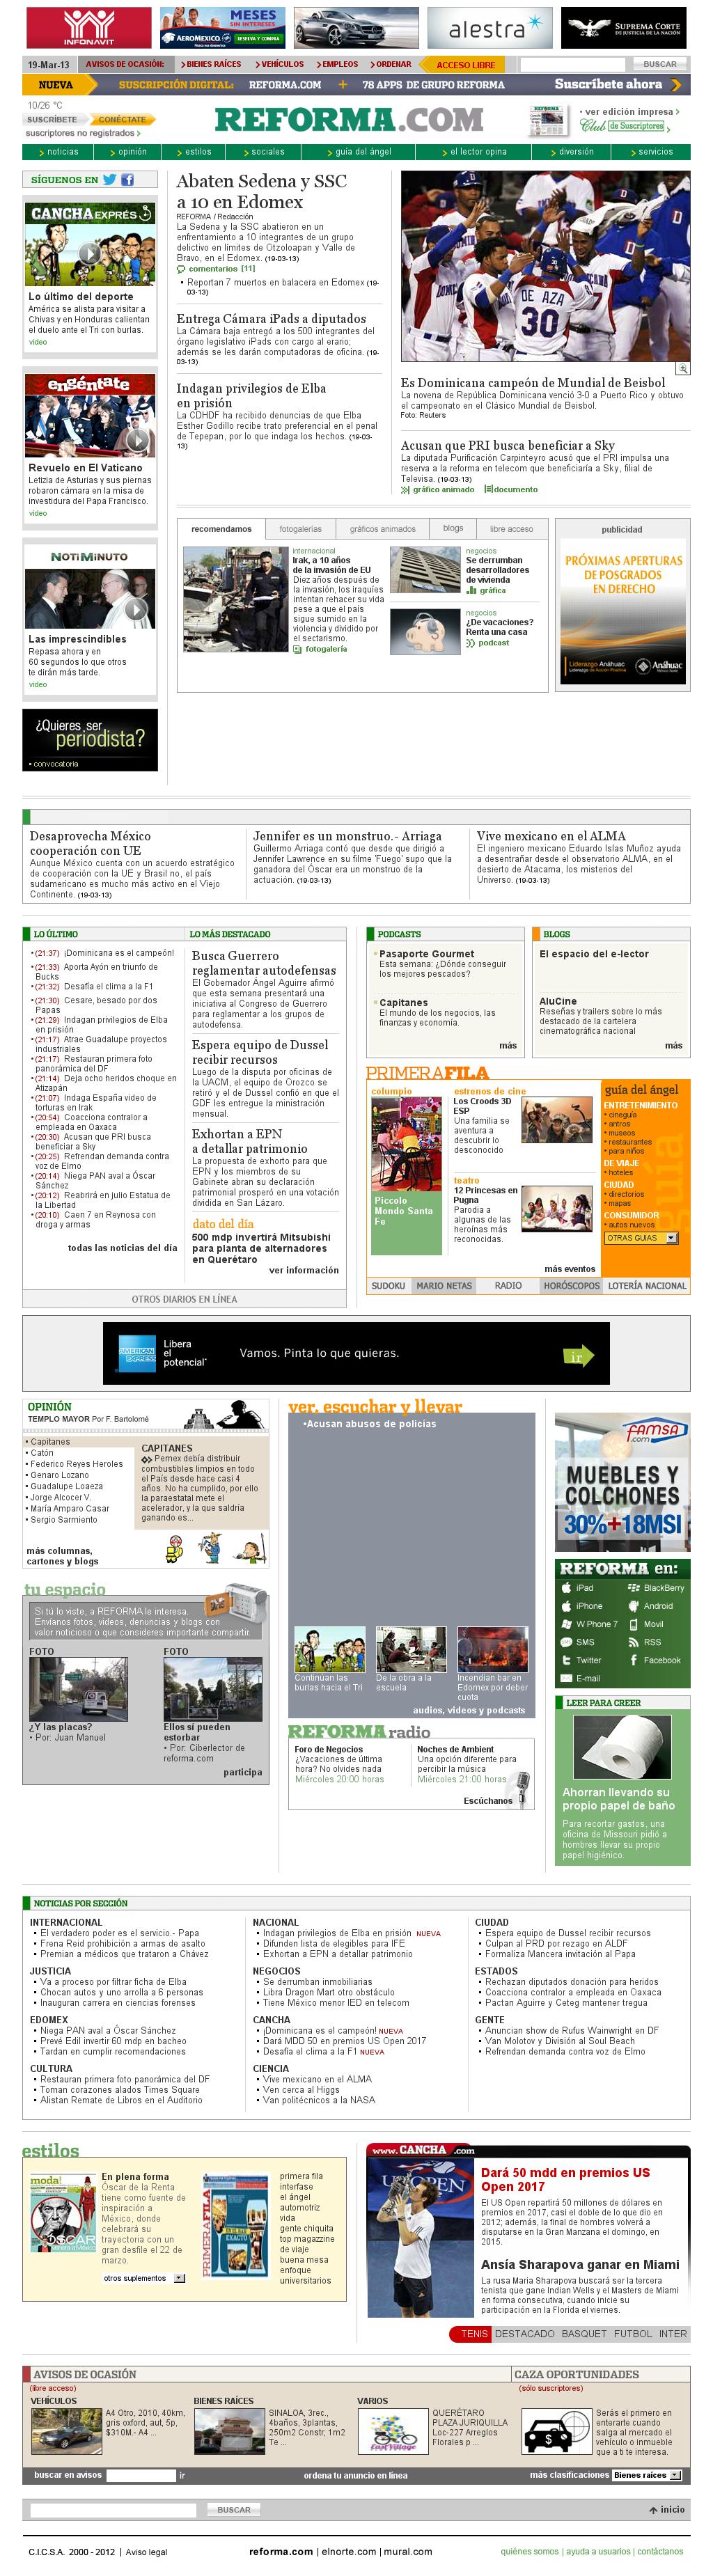 Reforma.com at Wednesday March 20, 2013, 4:25 a.m. UTC